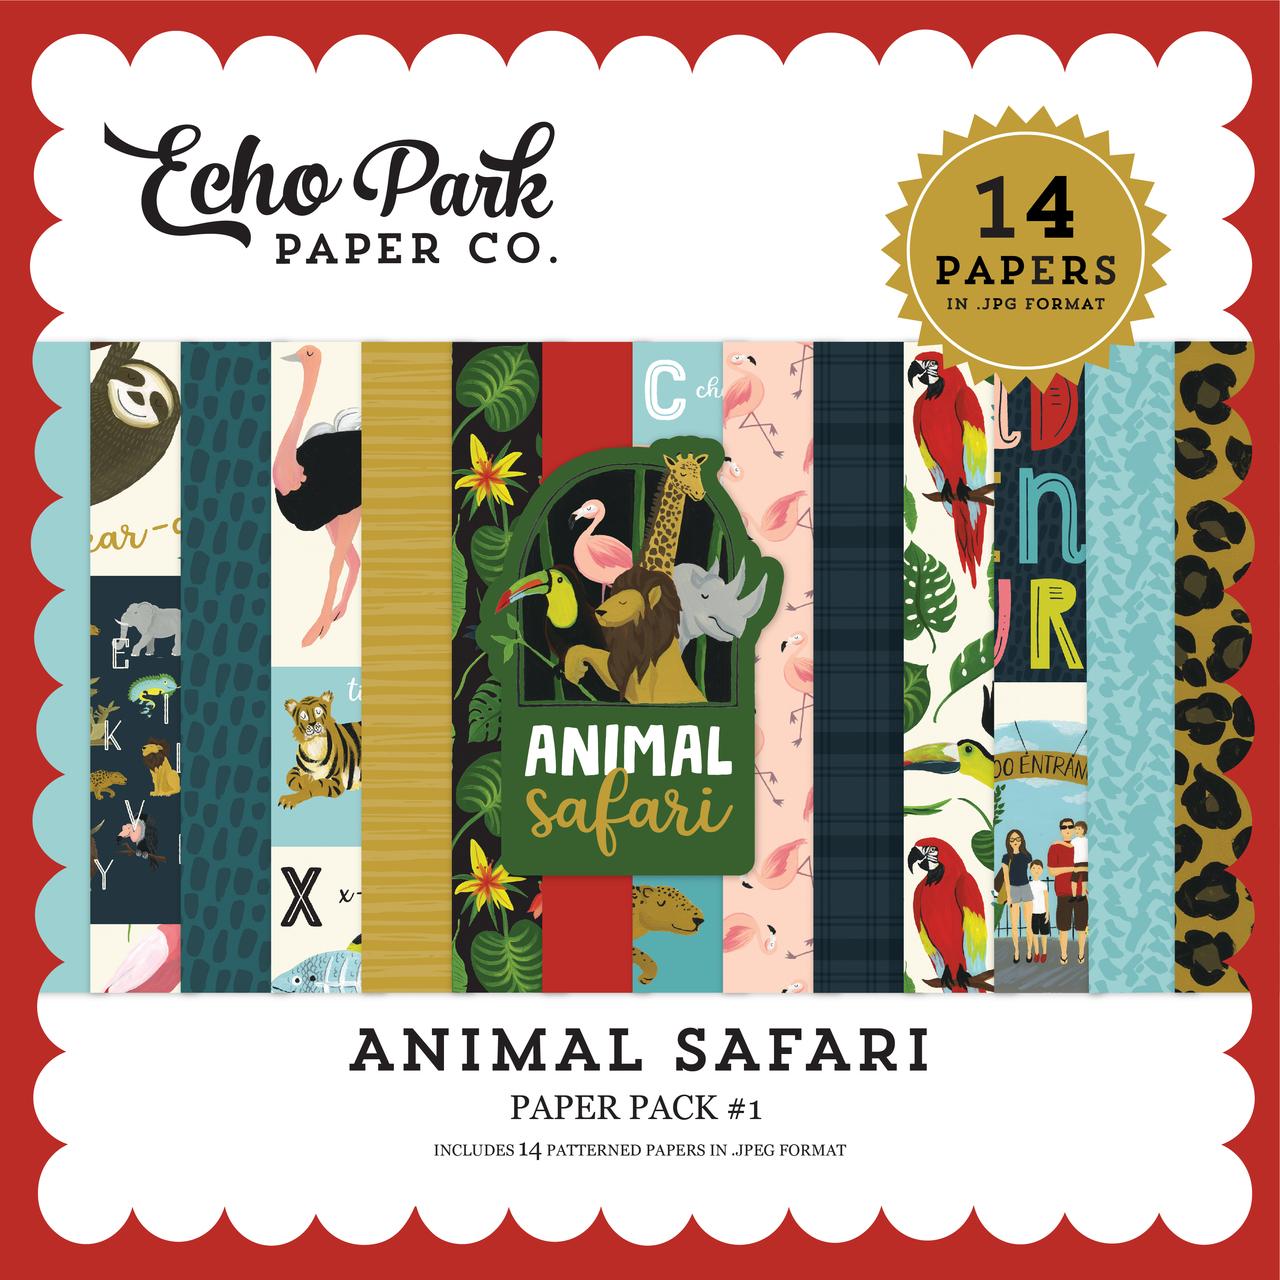 Animal Safari Paper Pack #1